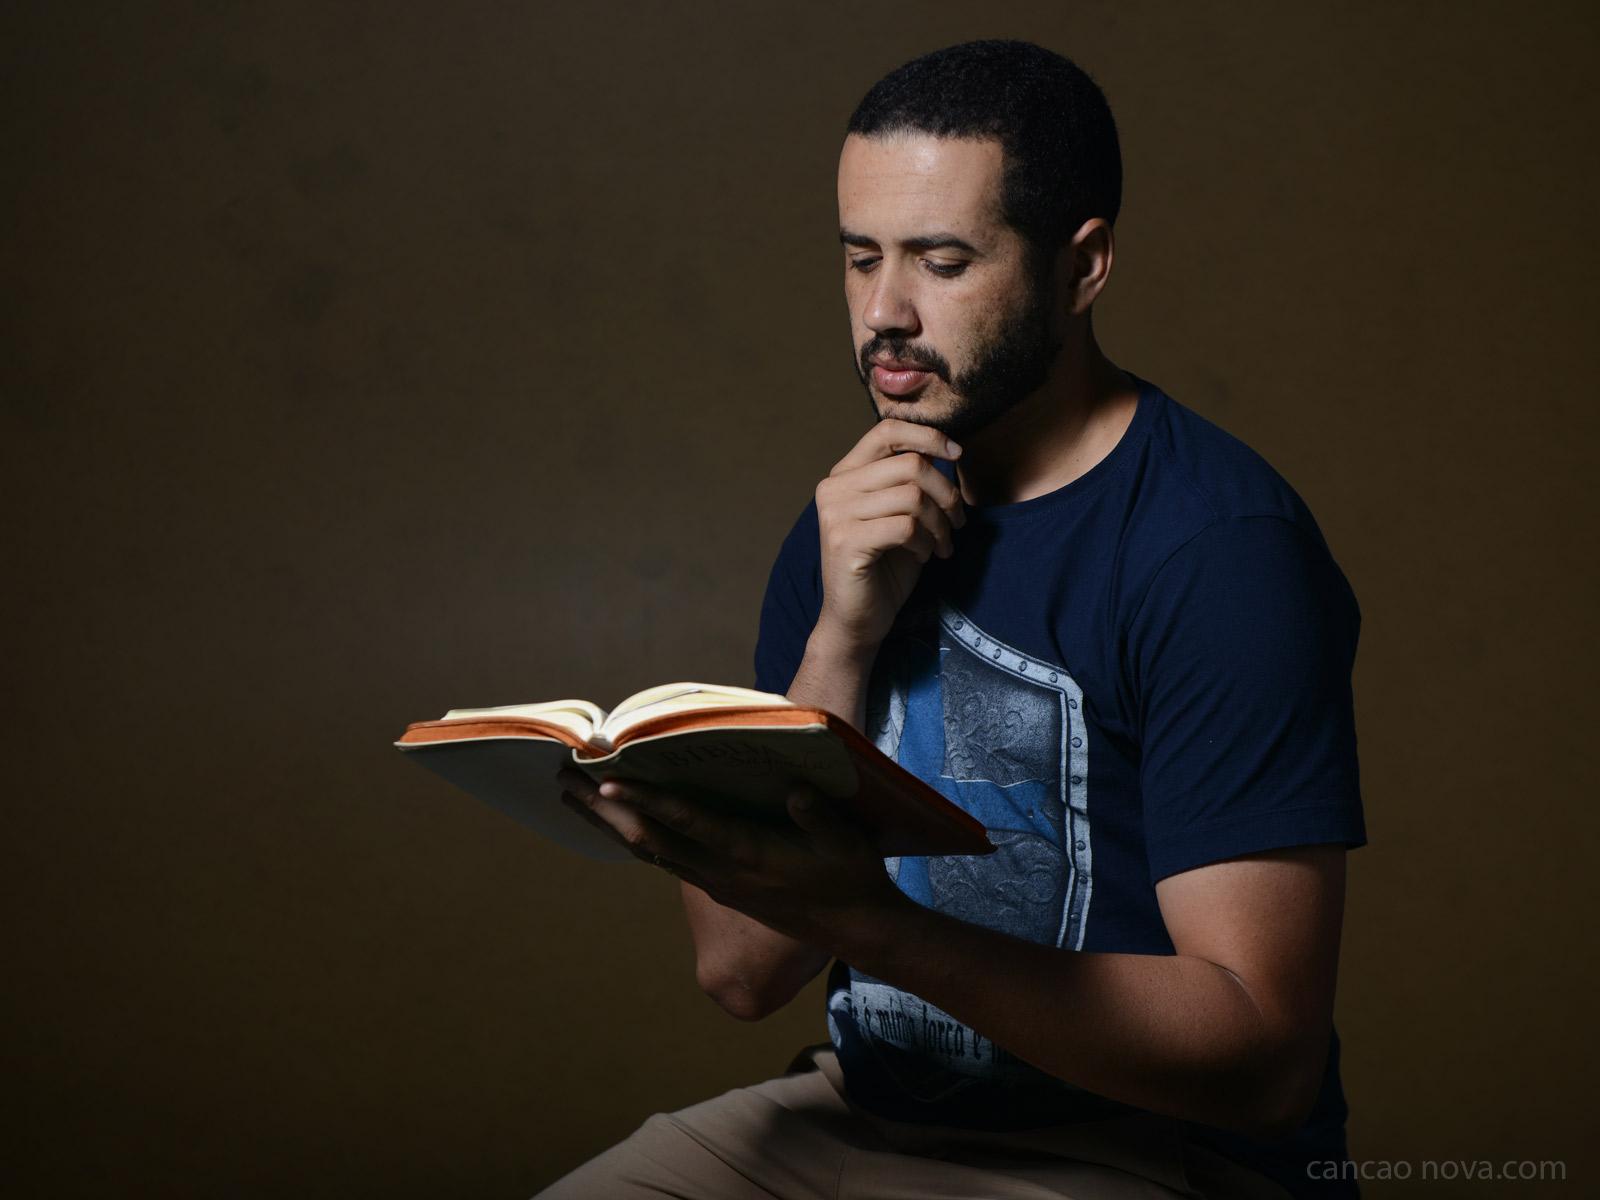 A oração é um encontro íntimo com Deus